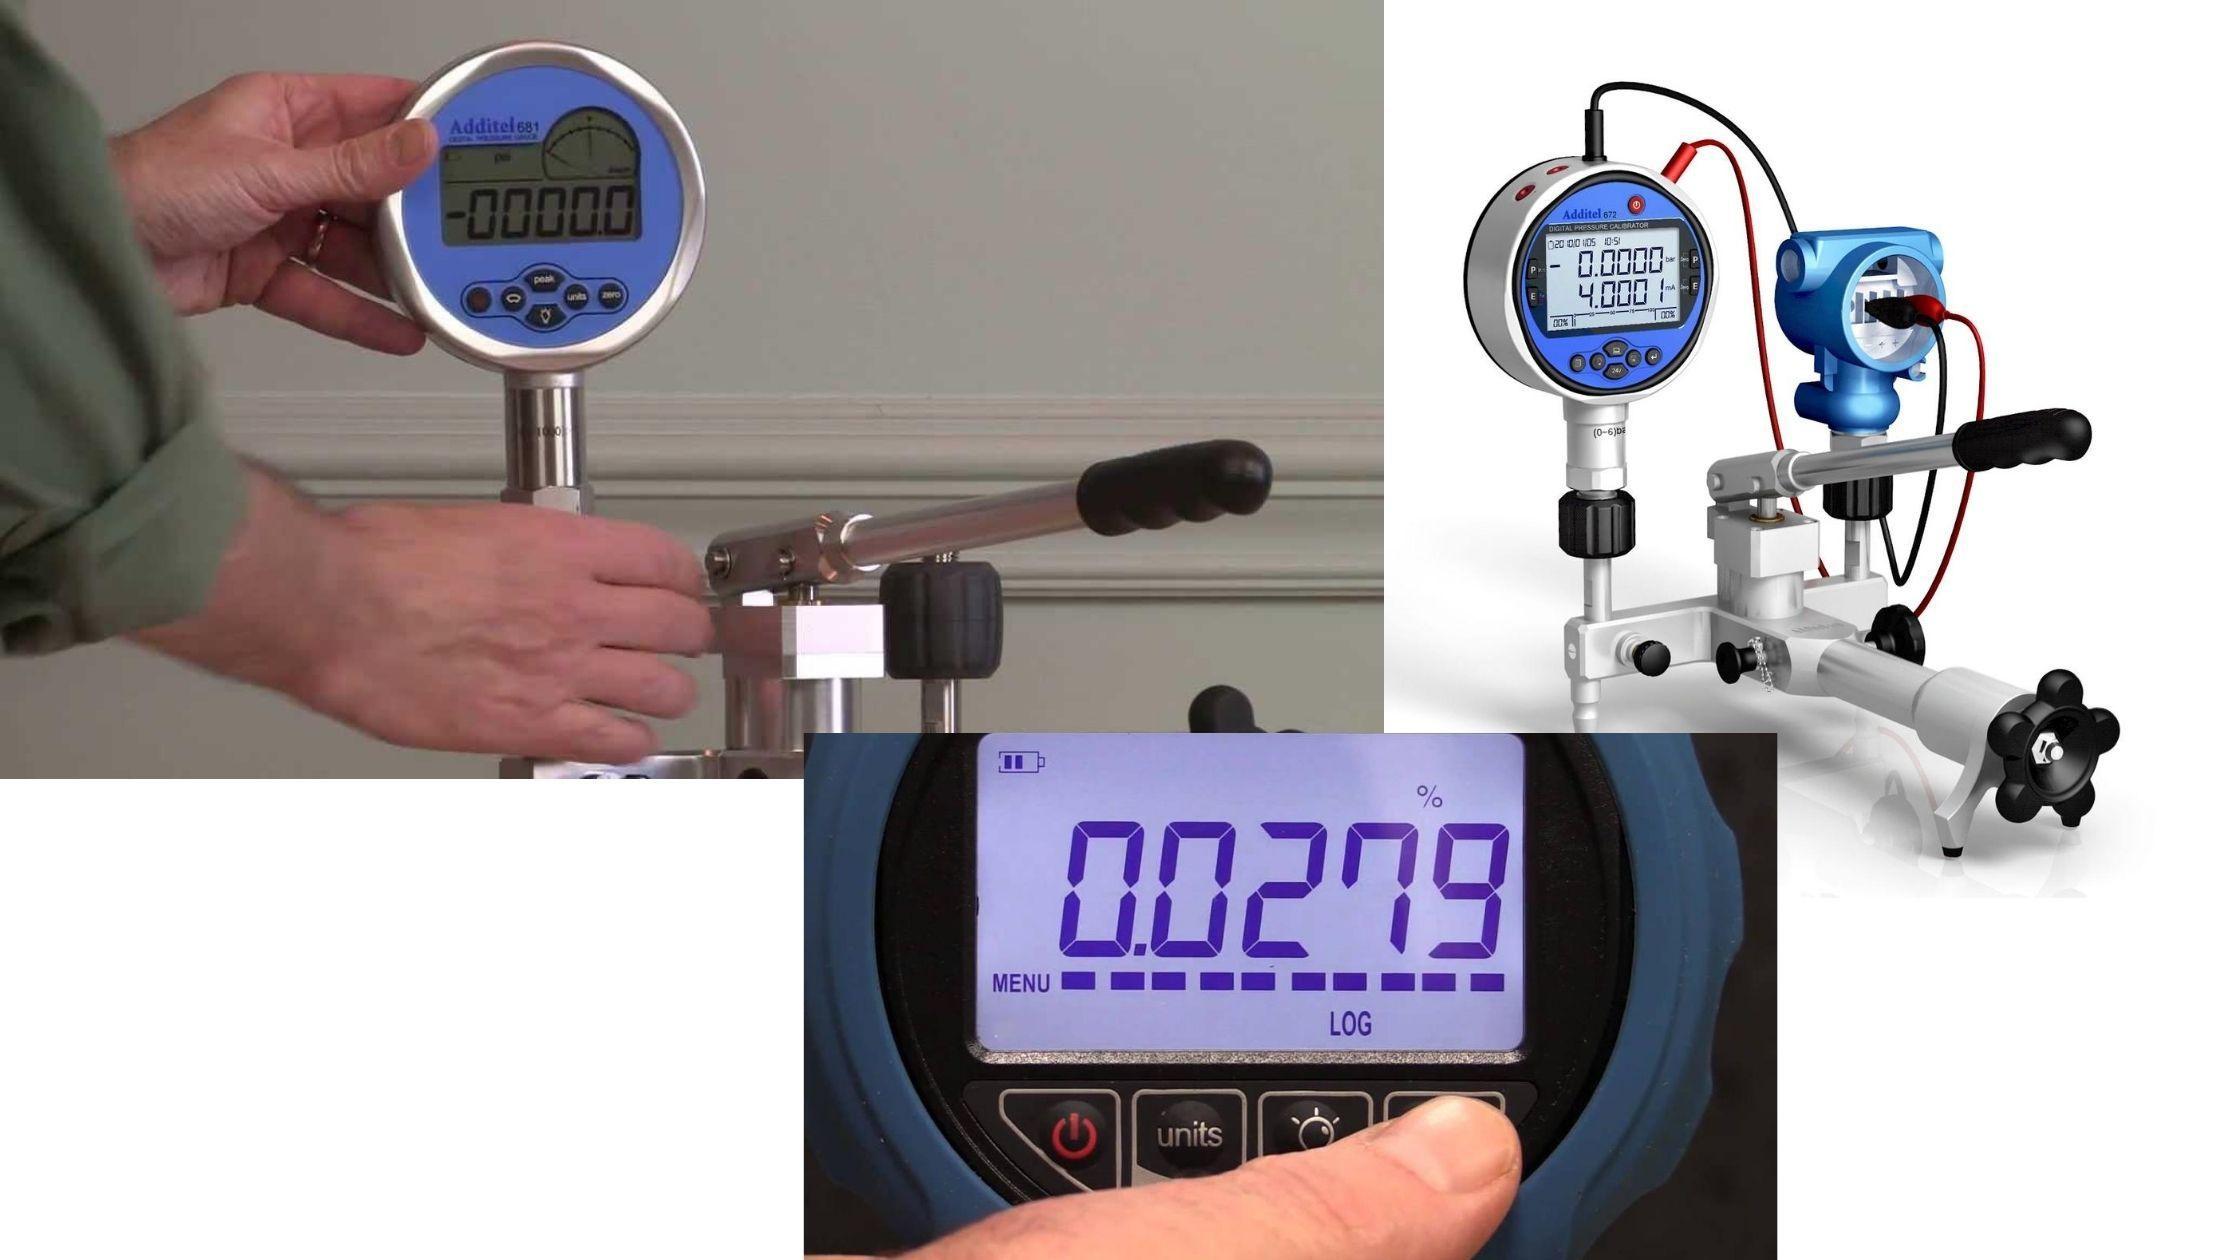 Cảm biến áp suất kết hợp đồng hồ điện tử